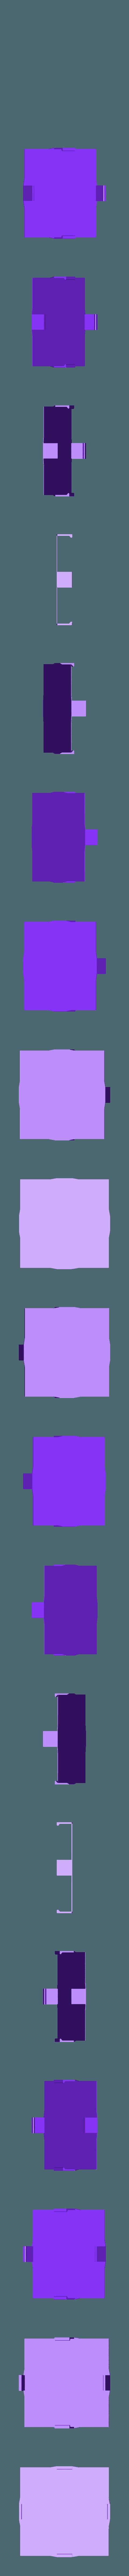 Light_Diffuser.stl Télécharger fichier STL gratuit Bright LED Light • Objet pour imprimante 3D, EricsDIY